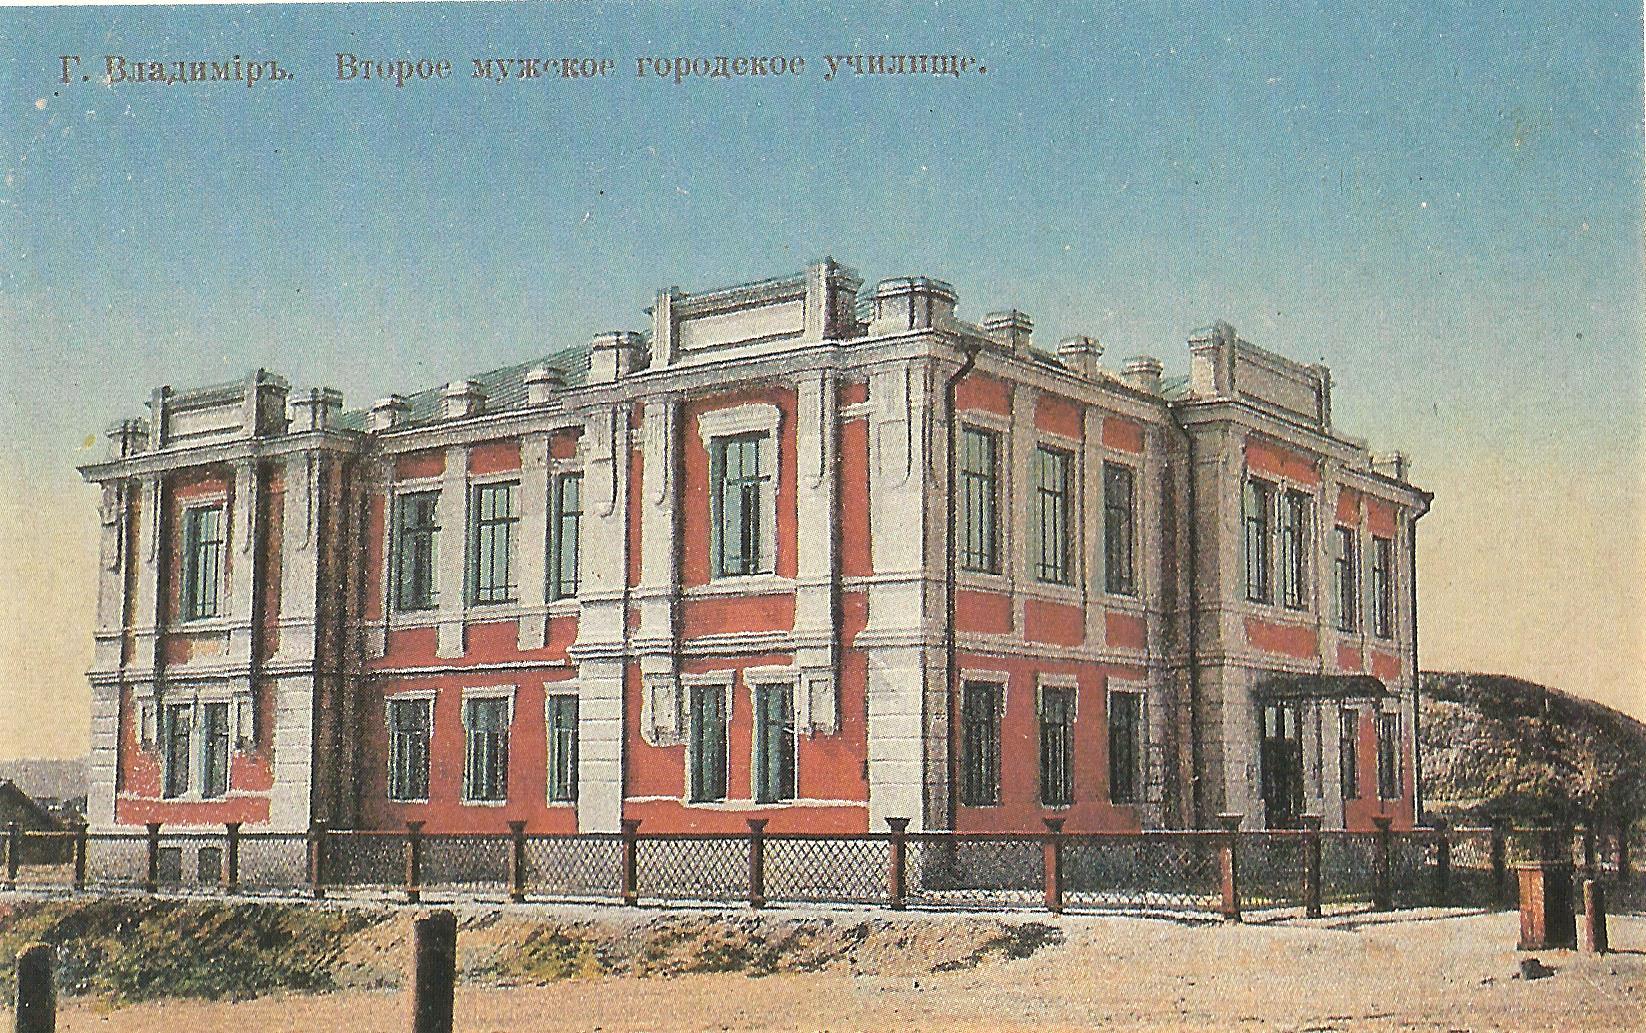 Второе мужское городское училище (Васильевское училище)